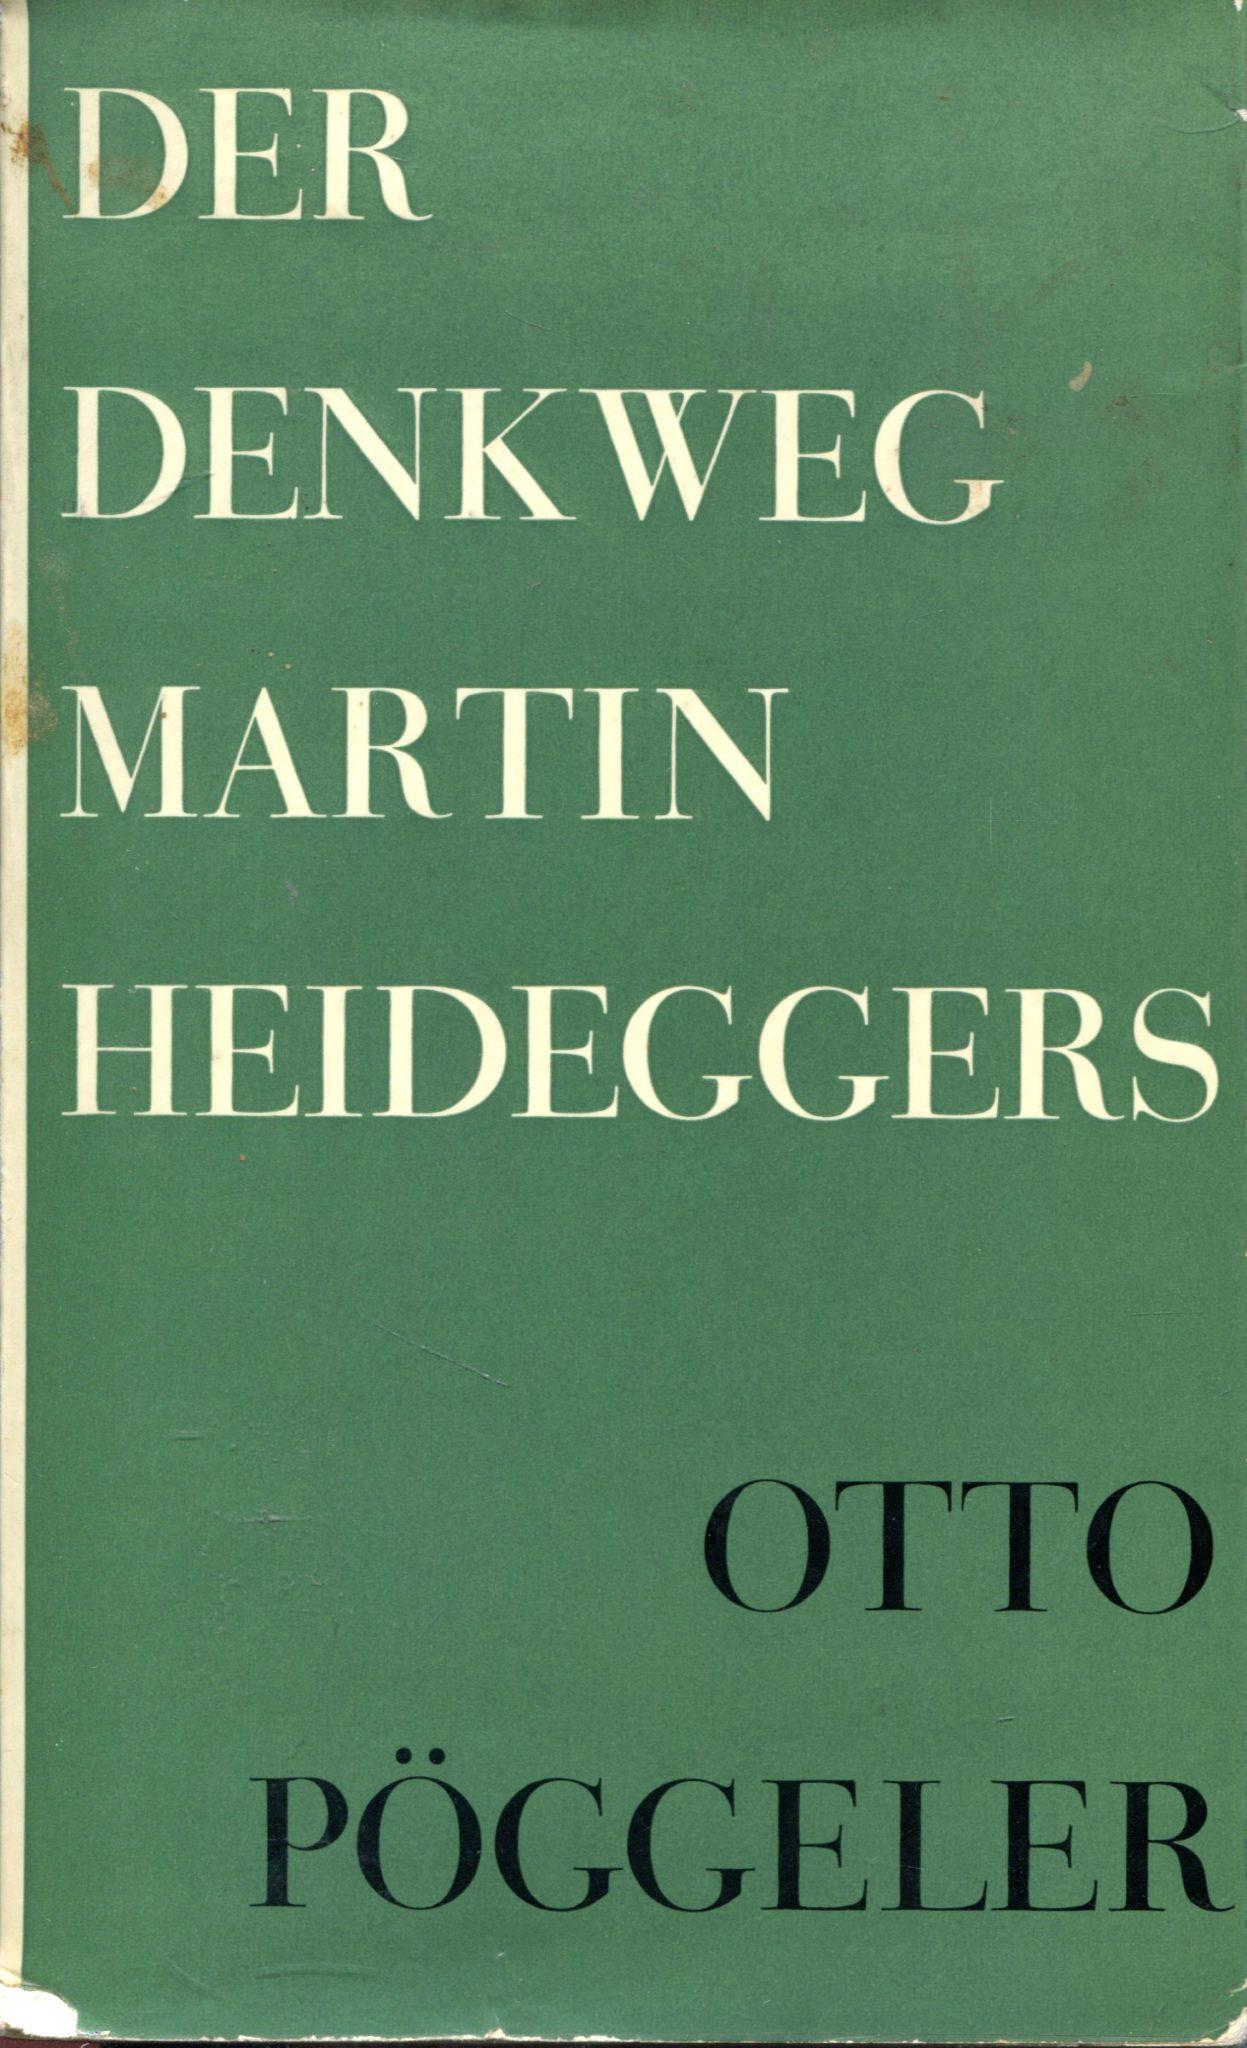 Der Denkweg Martin Heideggers Otto Pöggeler